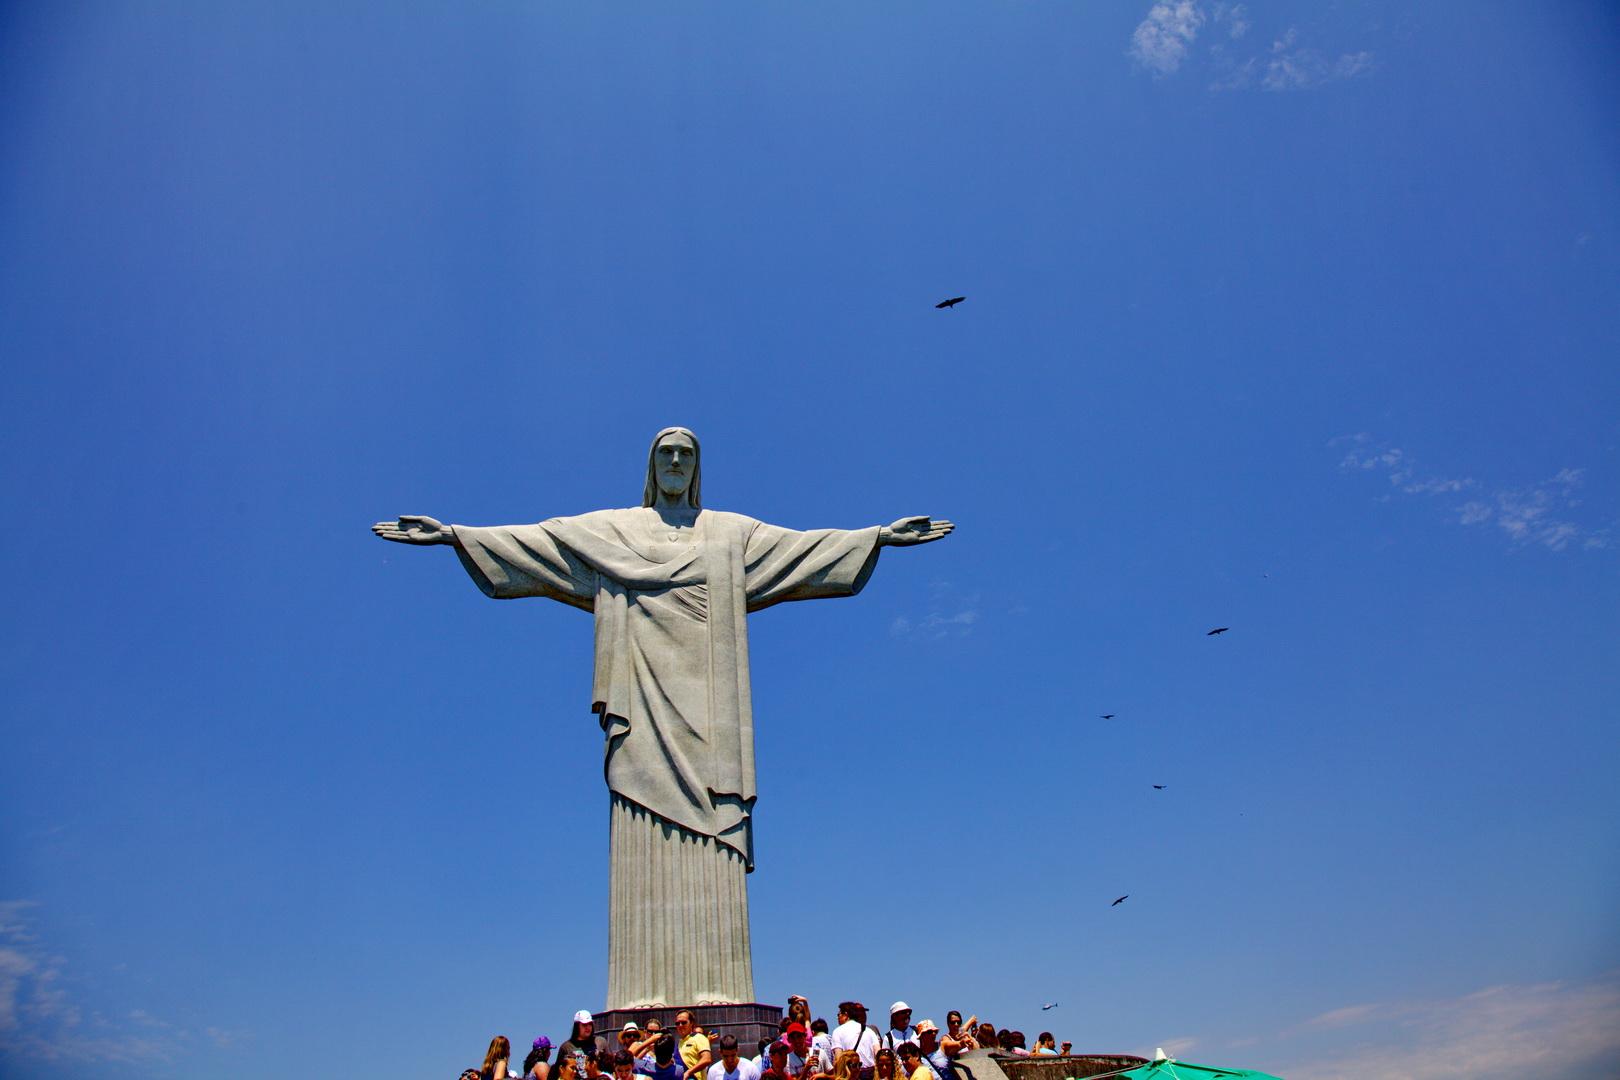 主耶稣广场舞_耶稣像图片展示_耶稣像相关图片下载